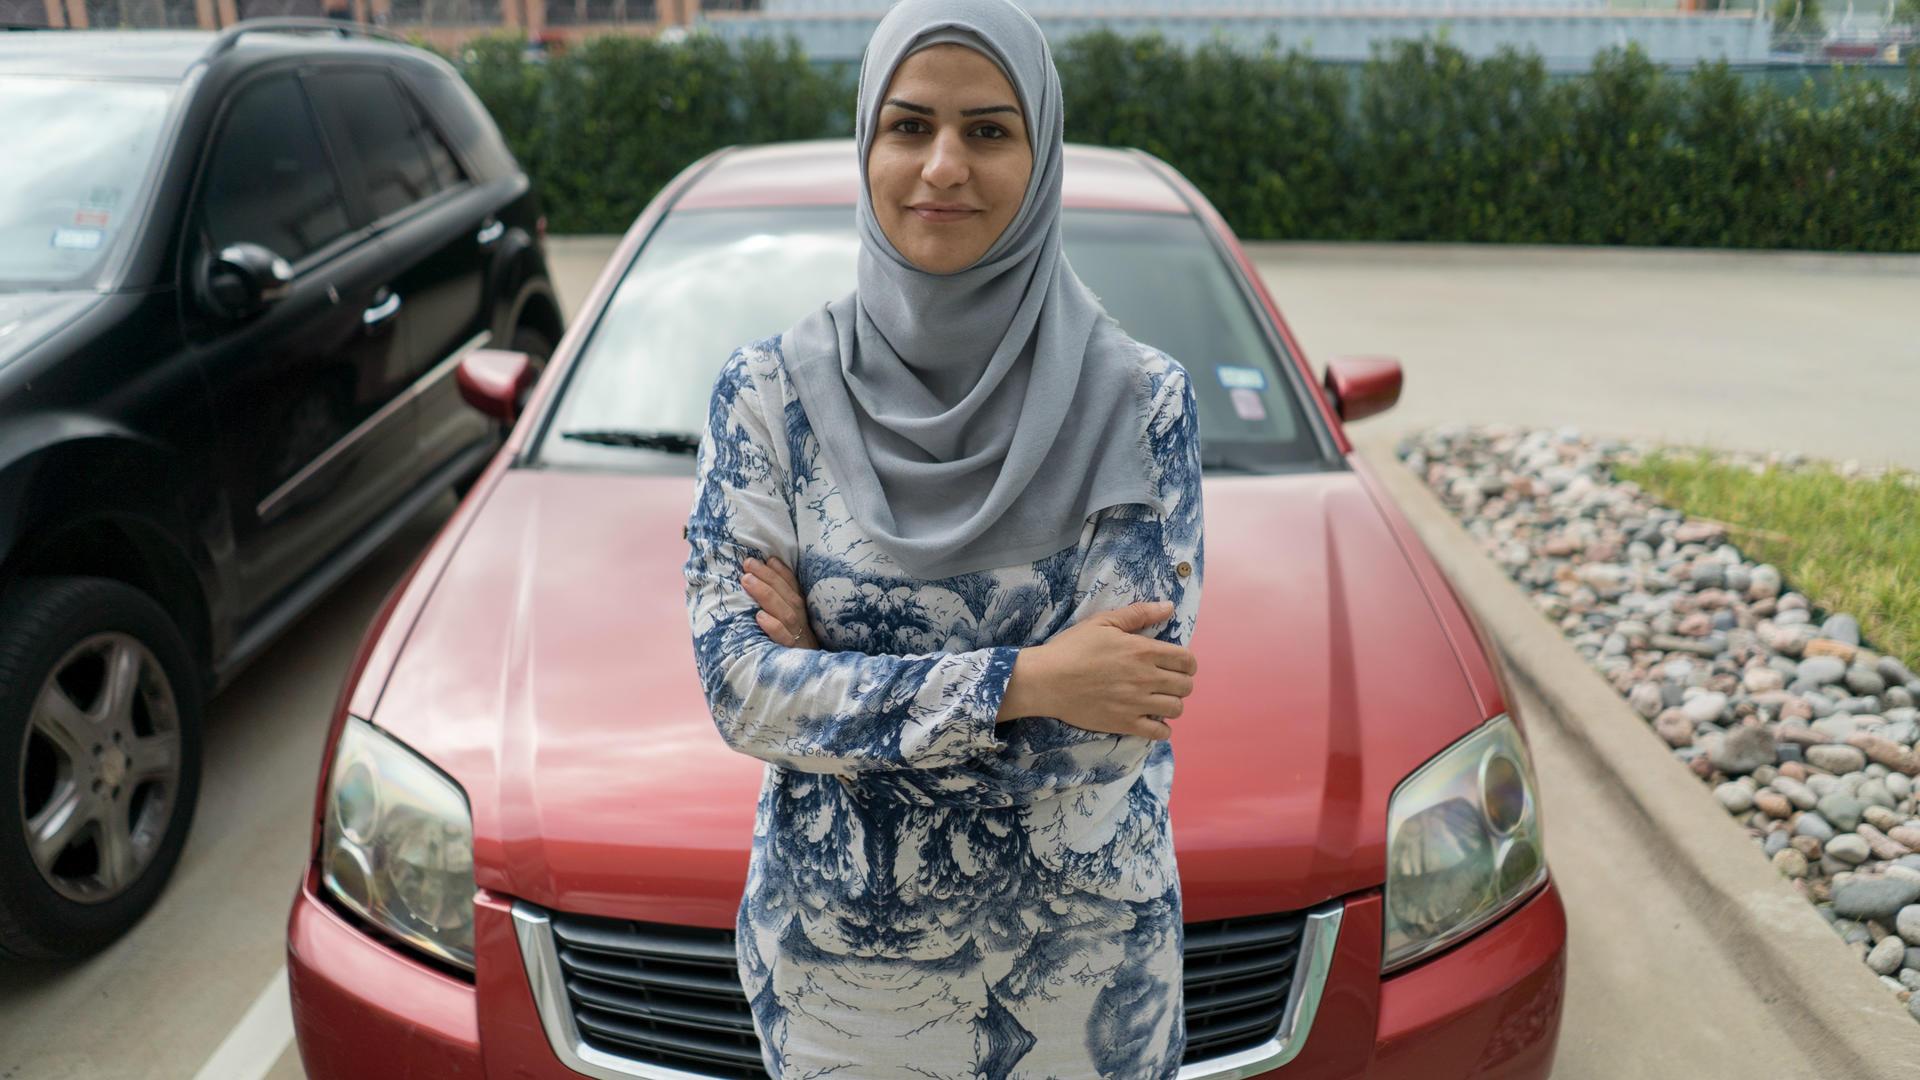 Bothina Matar with her car